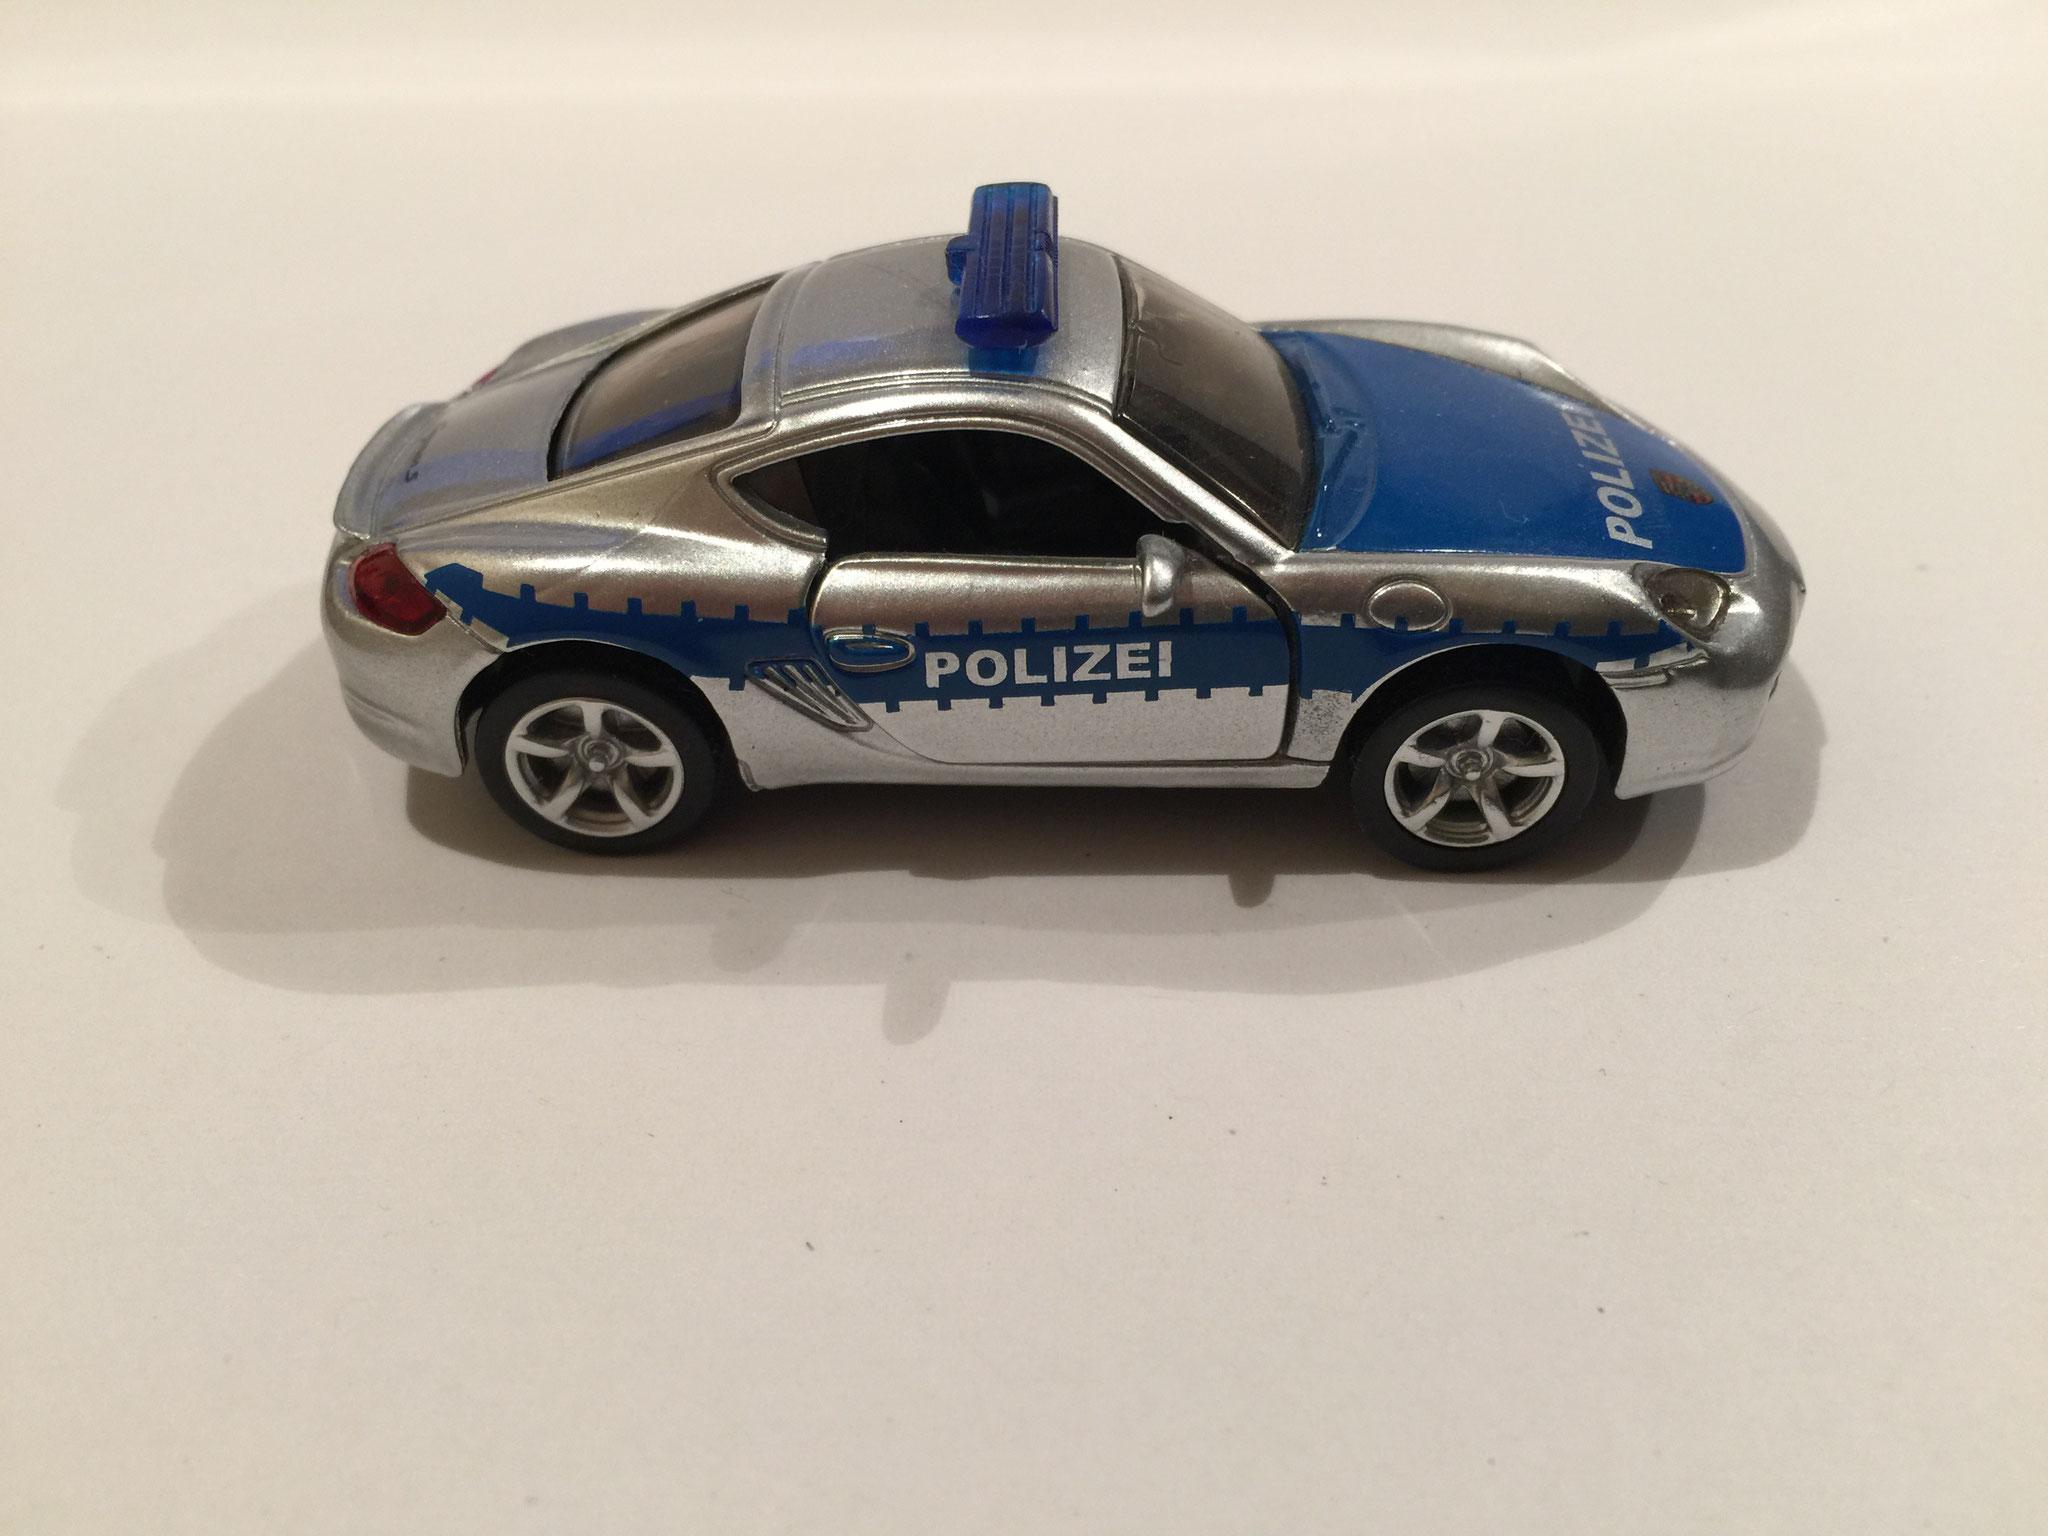 Porsche Cayman S Nr.1433 Polizei/silber/blau